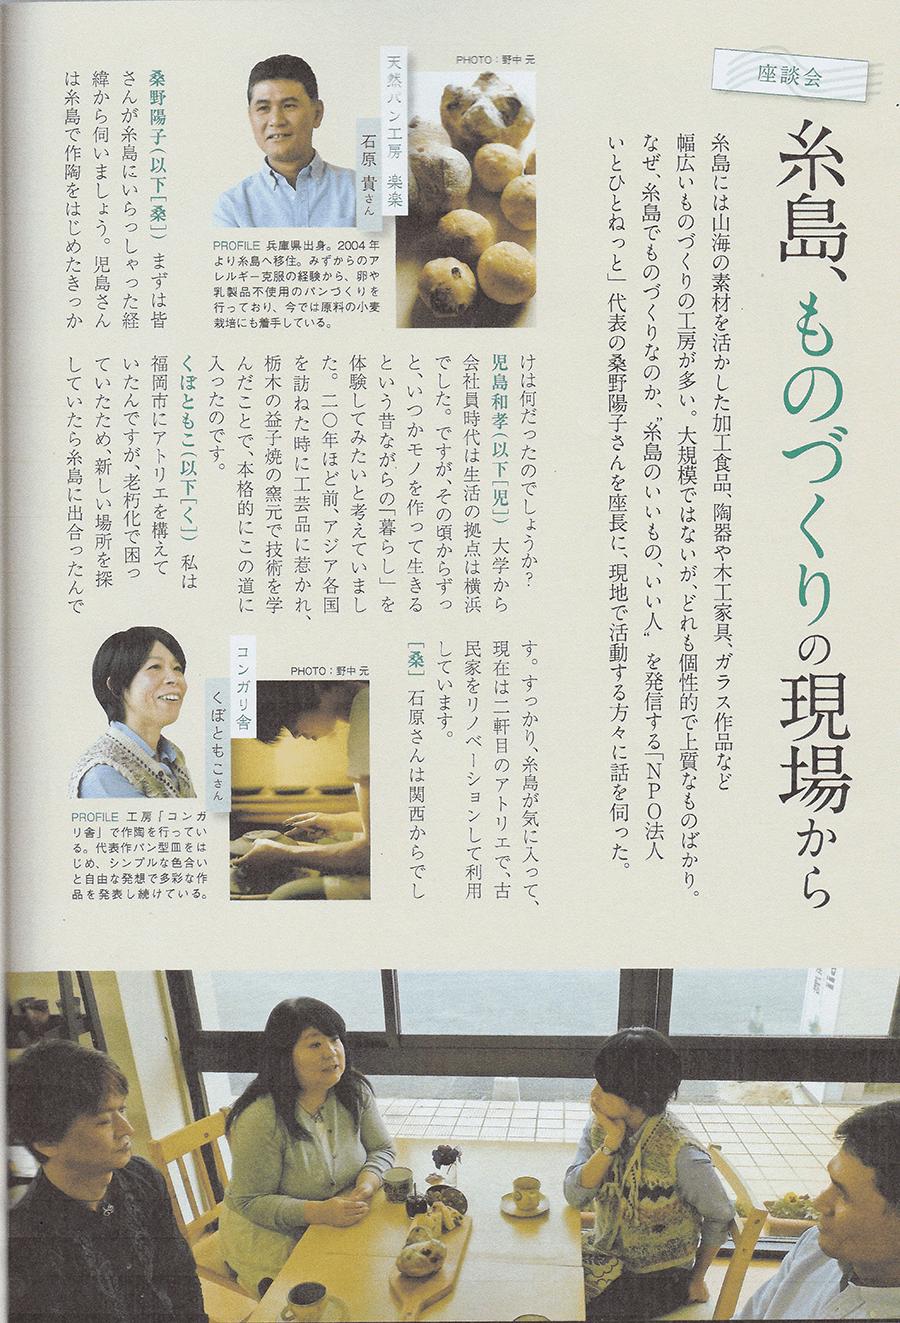 江戸楽 2015年11月